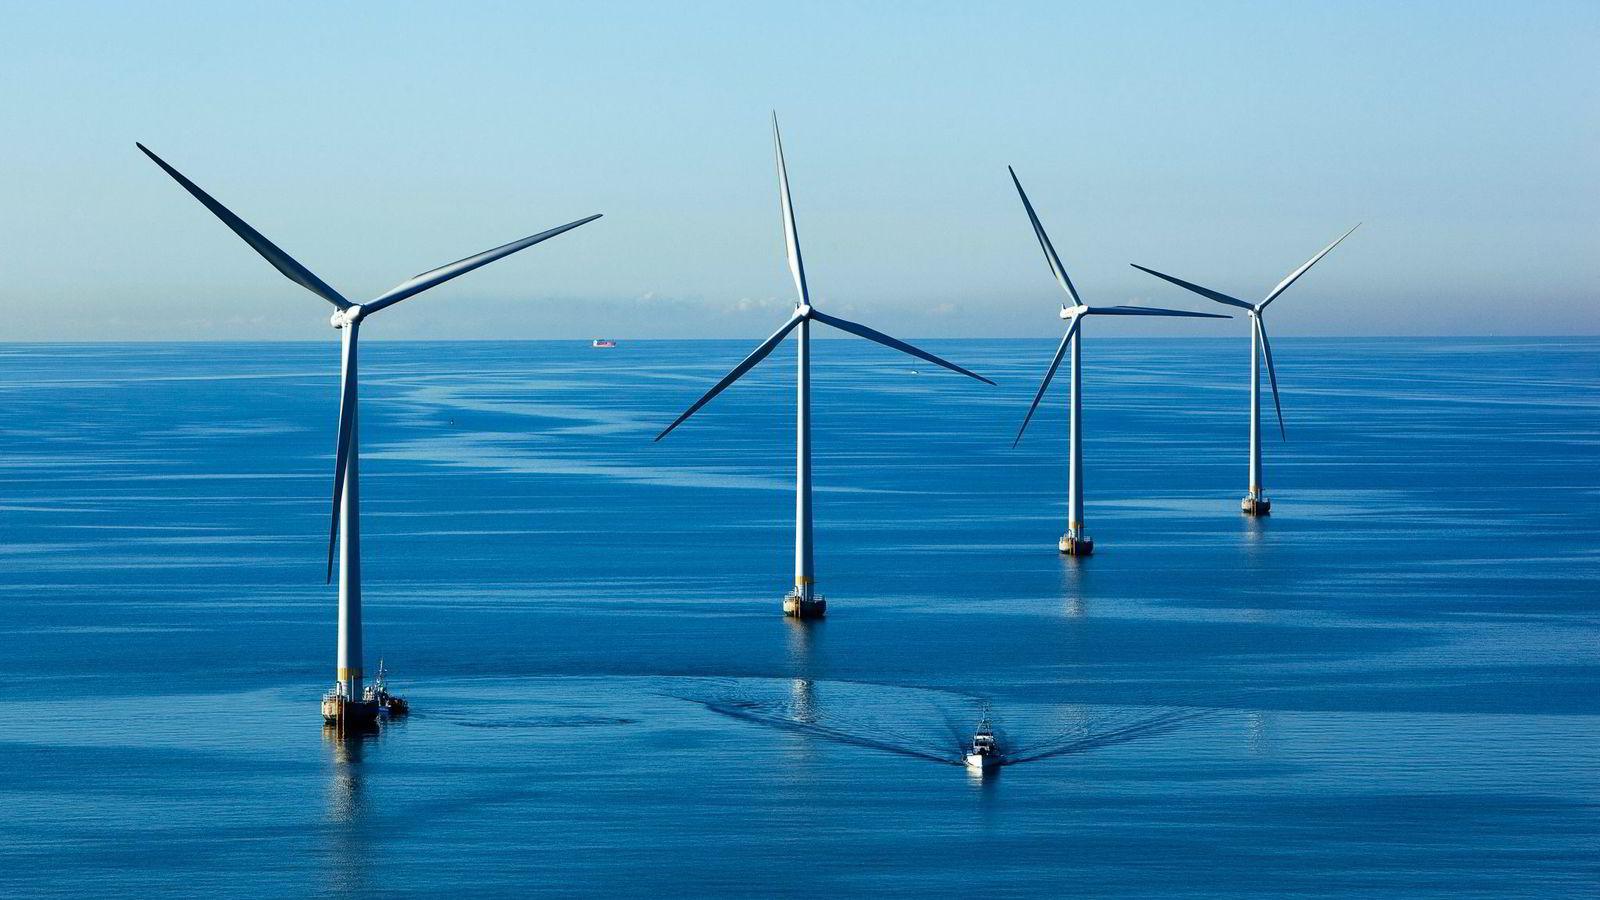 Det å sette opp 100 vindmøller i havet på en kostnadseffektiv måte, kan by på store utfordringer, også for bedrifter som har bred offshorekompetanse, skriver artikkelforfatteren. Her fra Lillgrund vindmøllepark utenfor Malmö.